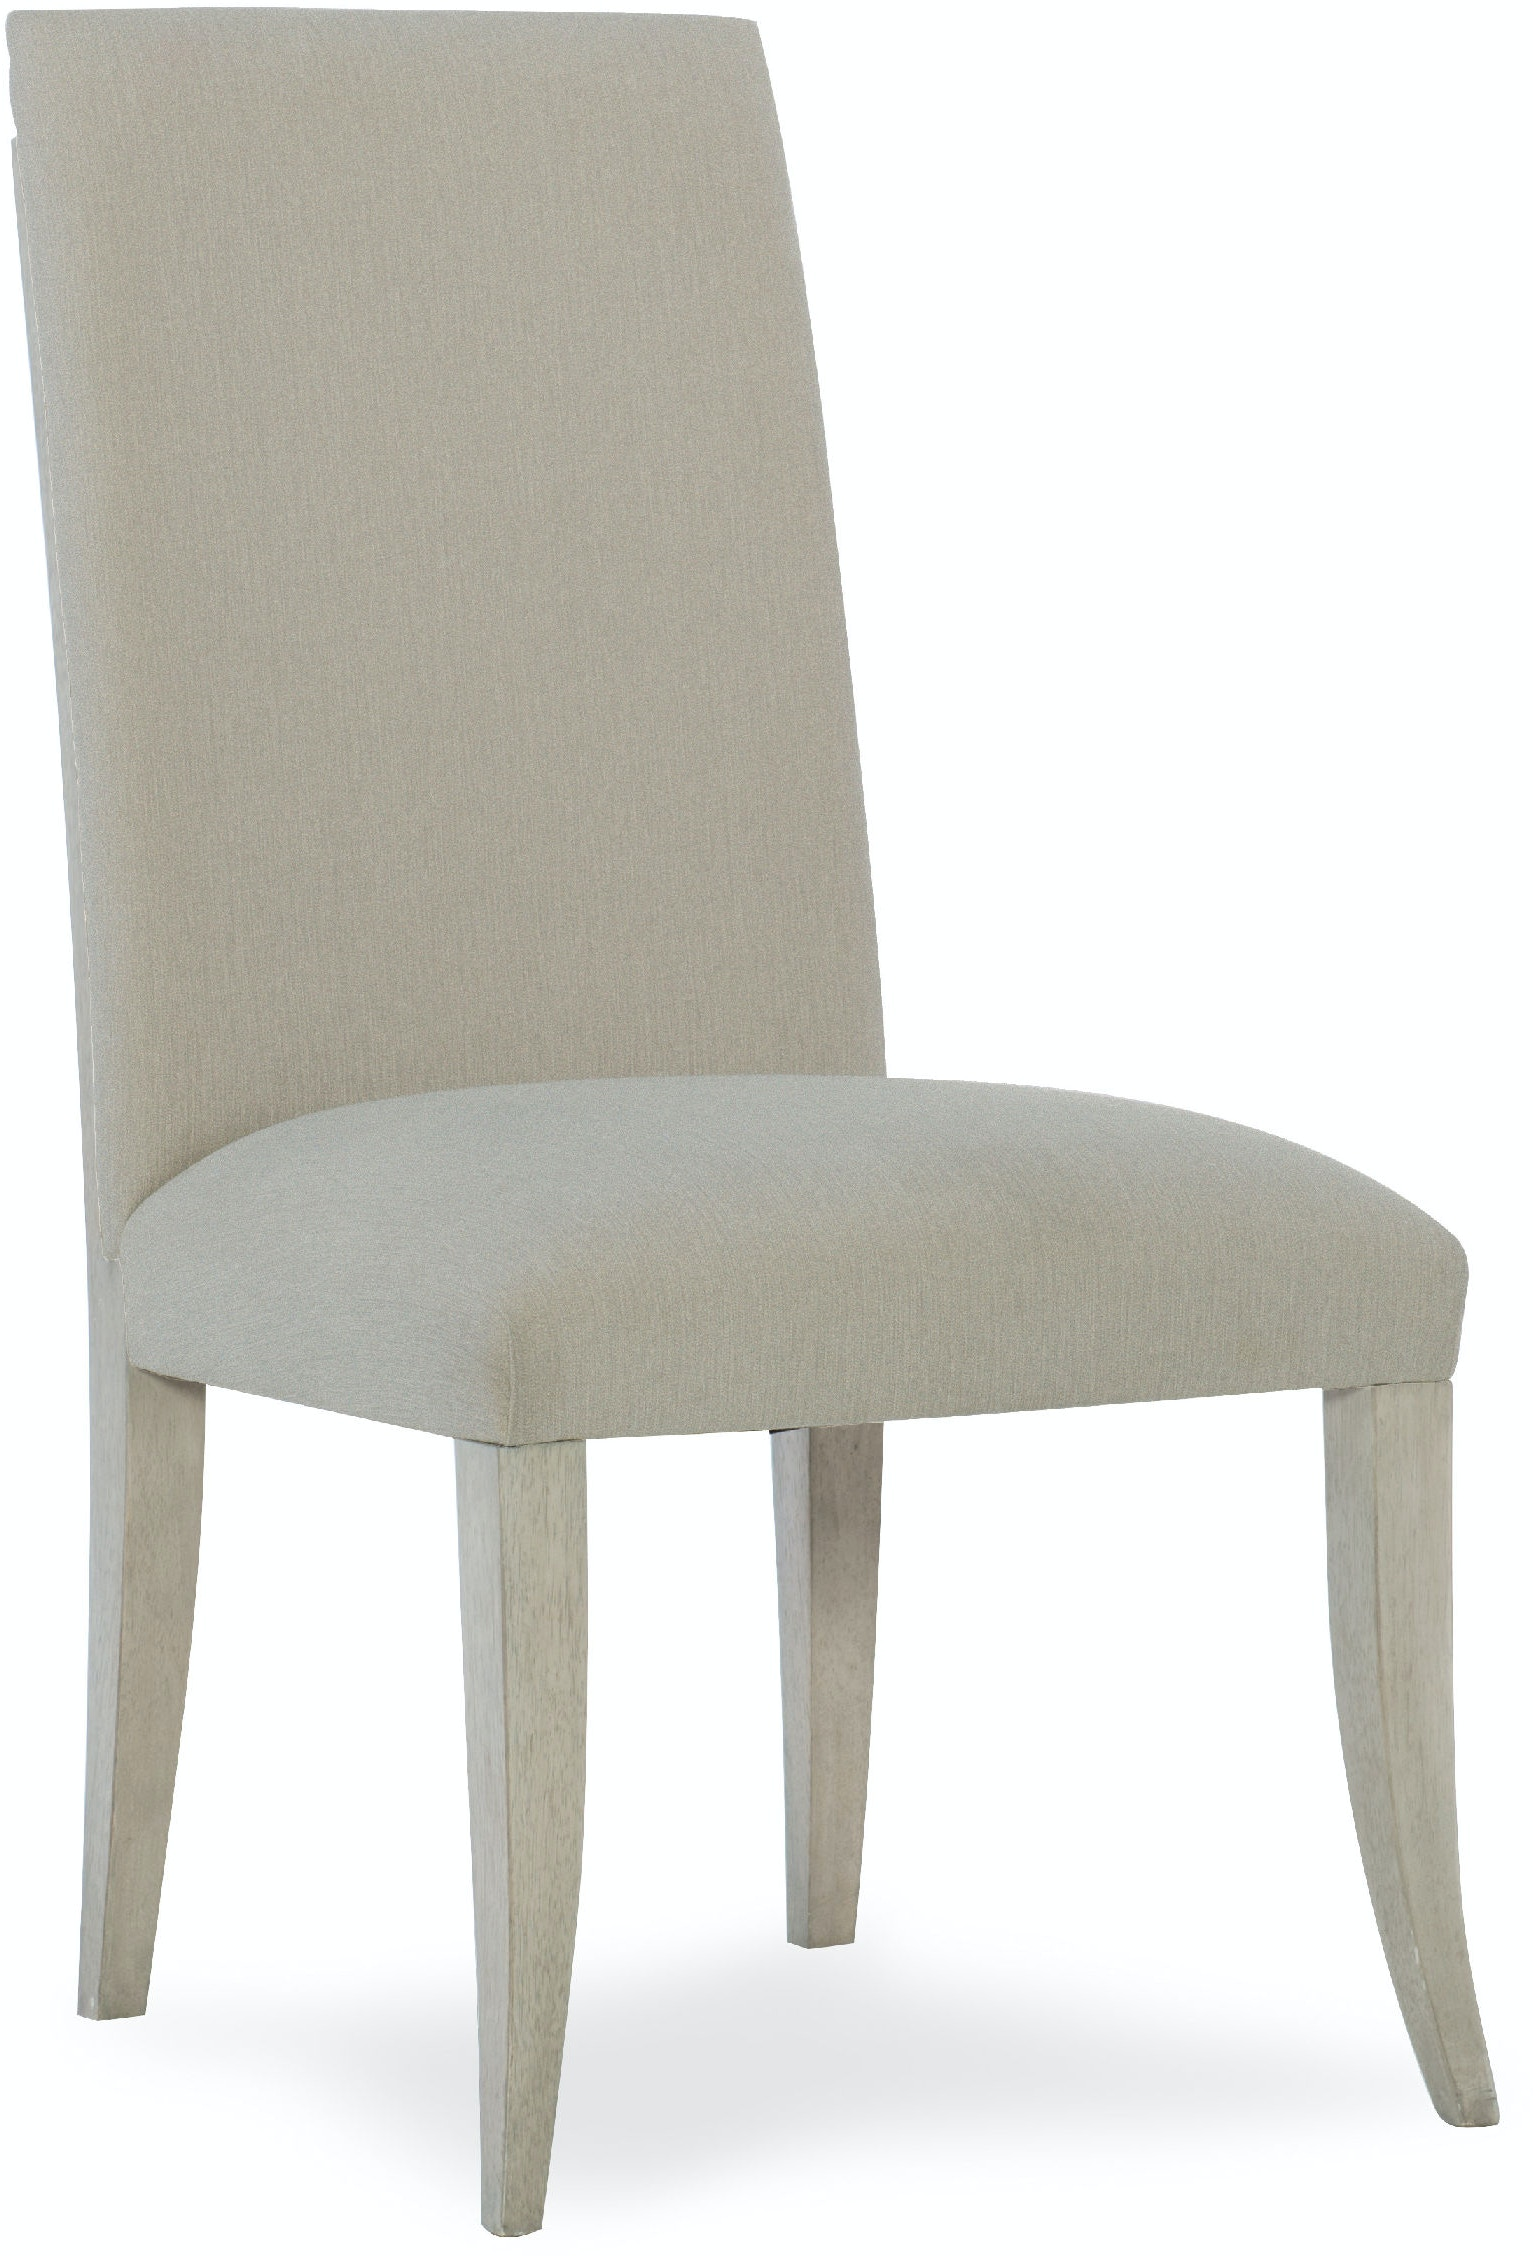 Hooker furniture dining room elixir upholstered side chair for Upholstered dining room side chairs